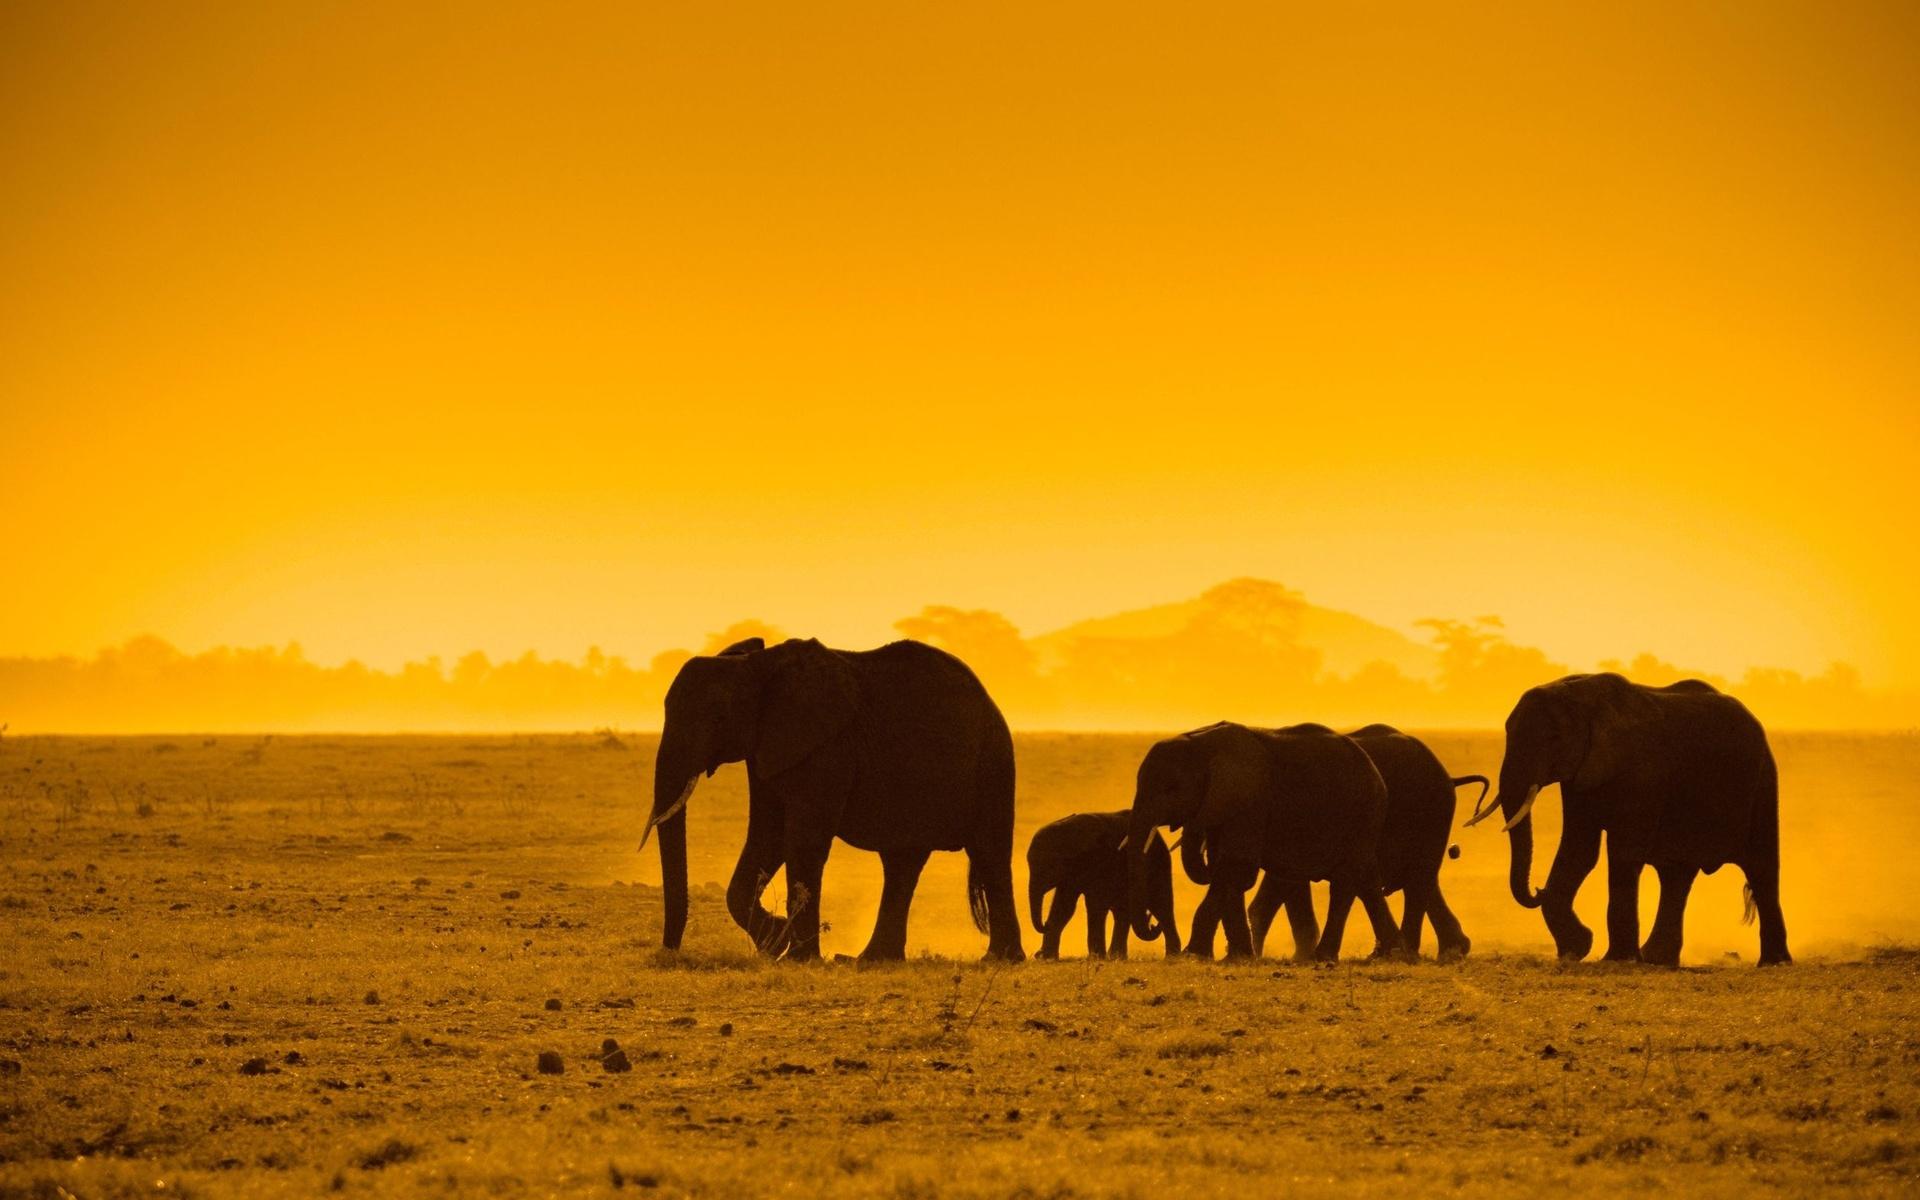 african animals wallpaper hd